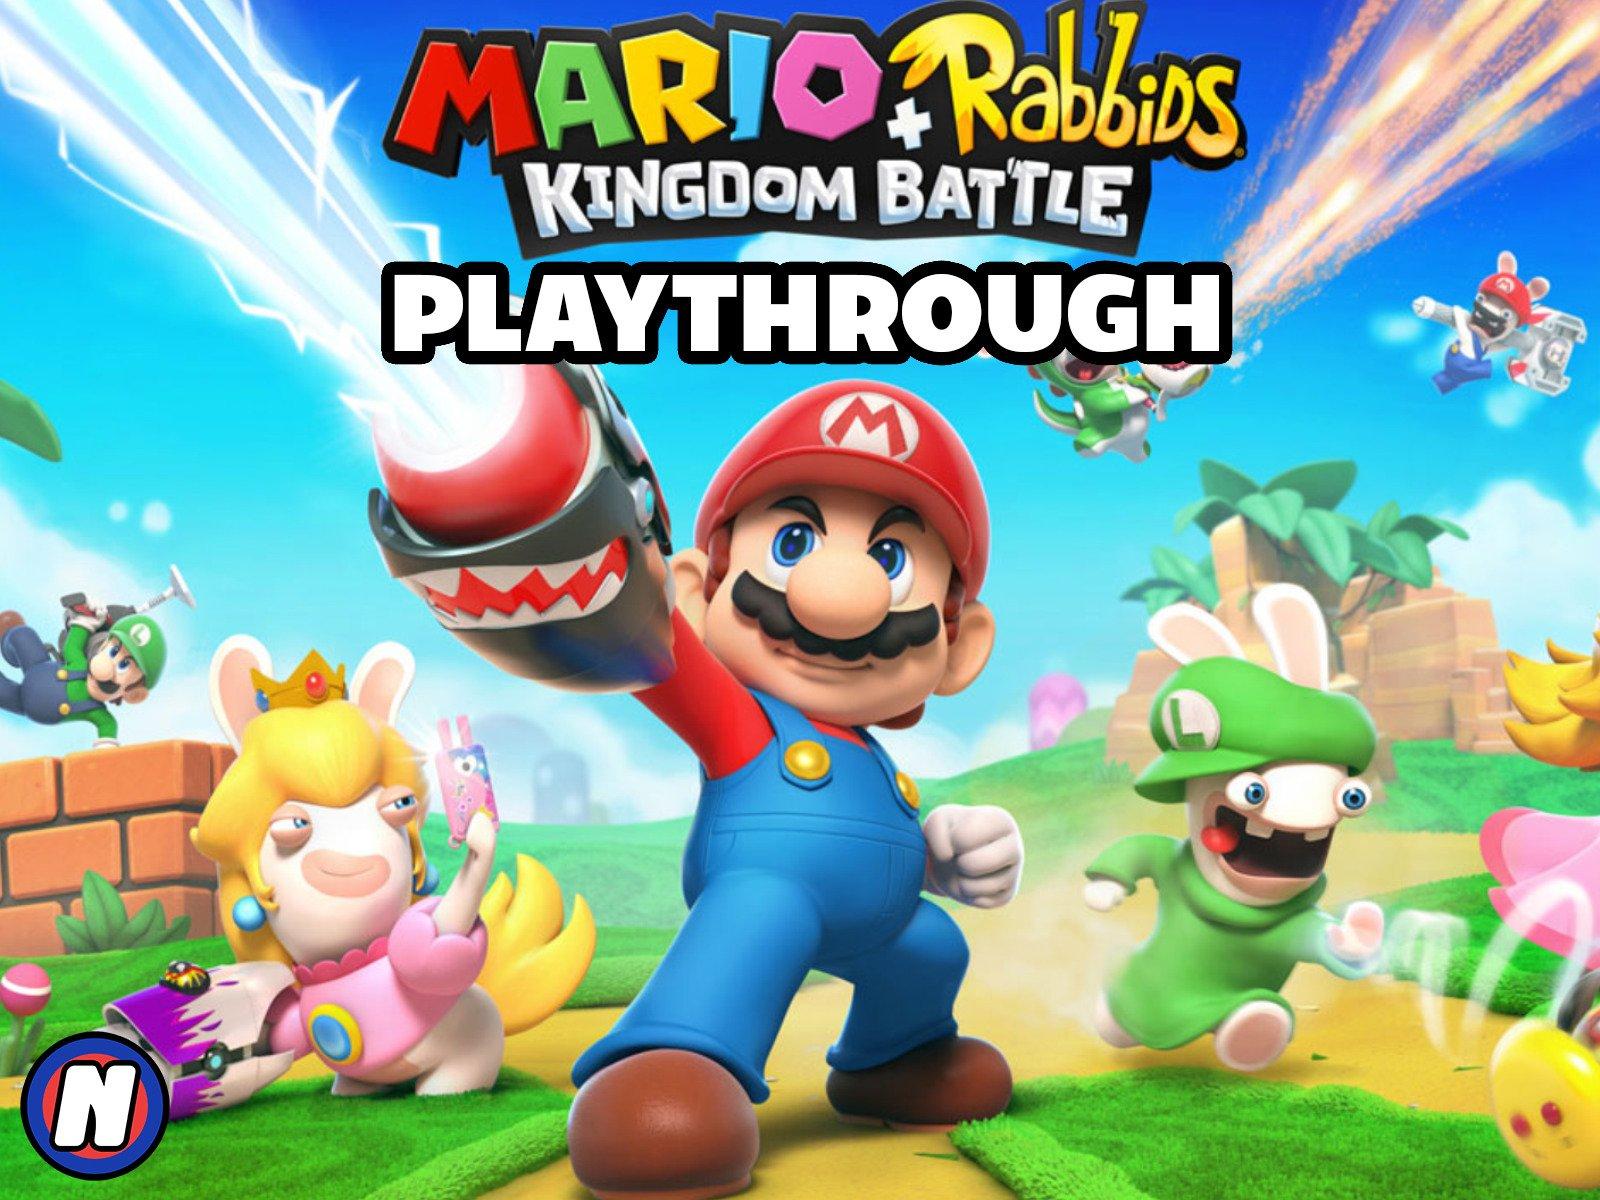 Clip: Mario + Rabbids Kingdom Battle Playthrough - Season 1